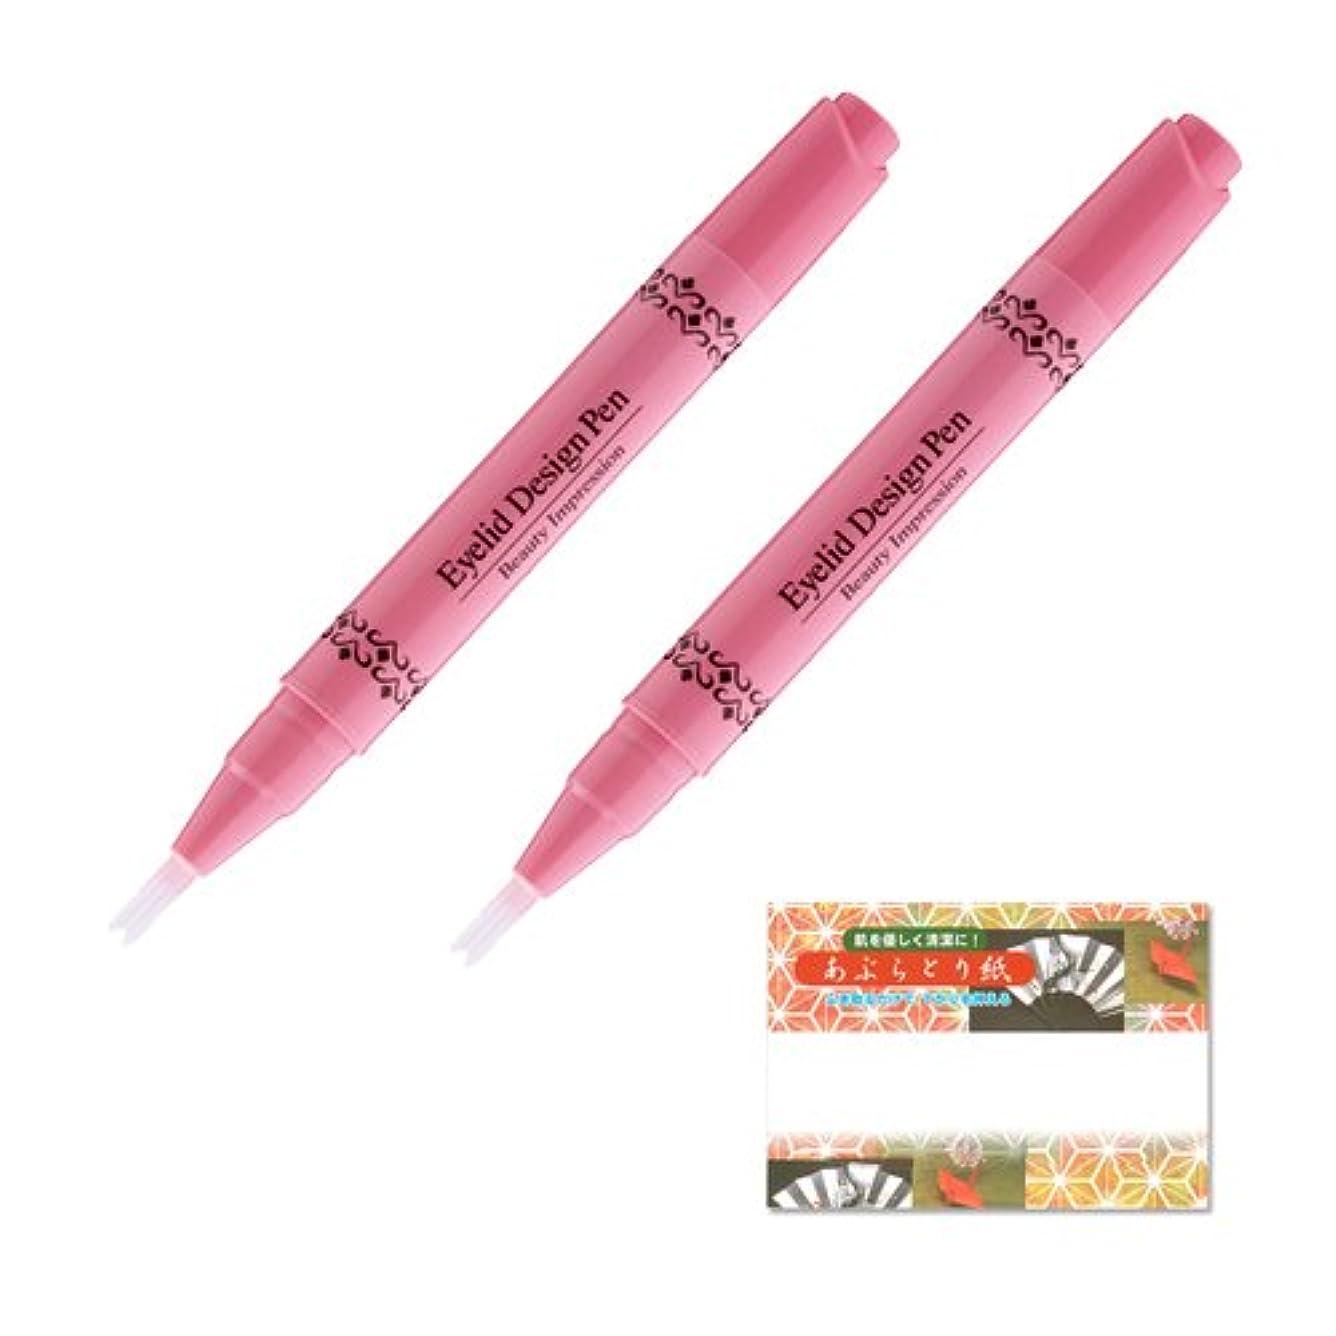 競争尊敬居住者Beauty Impression アイリッドデザインペン 2ml (二重まぶた形成化粧品) ×2組 油取り紙のセット